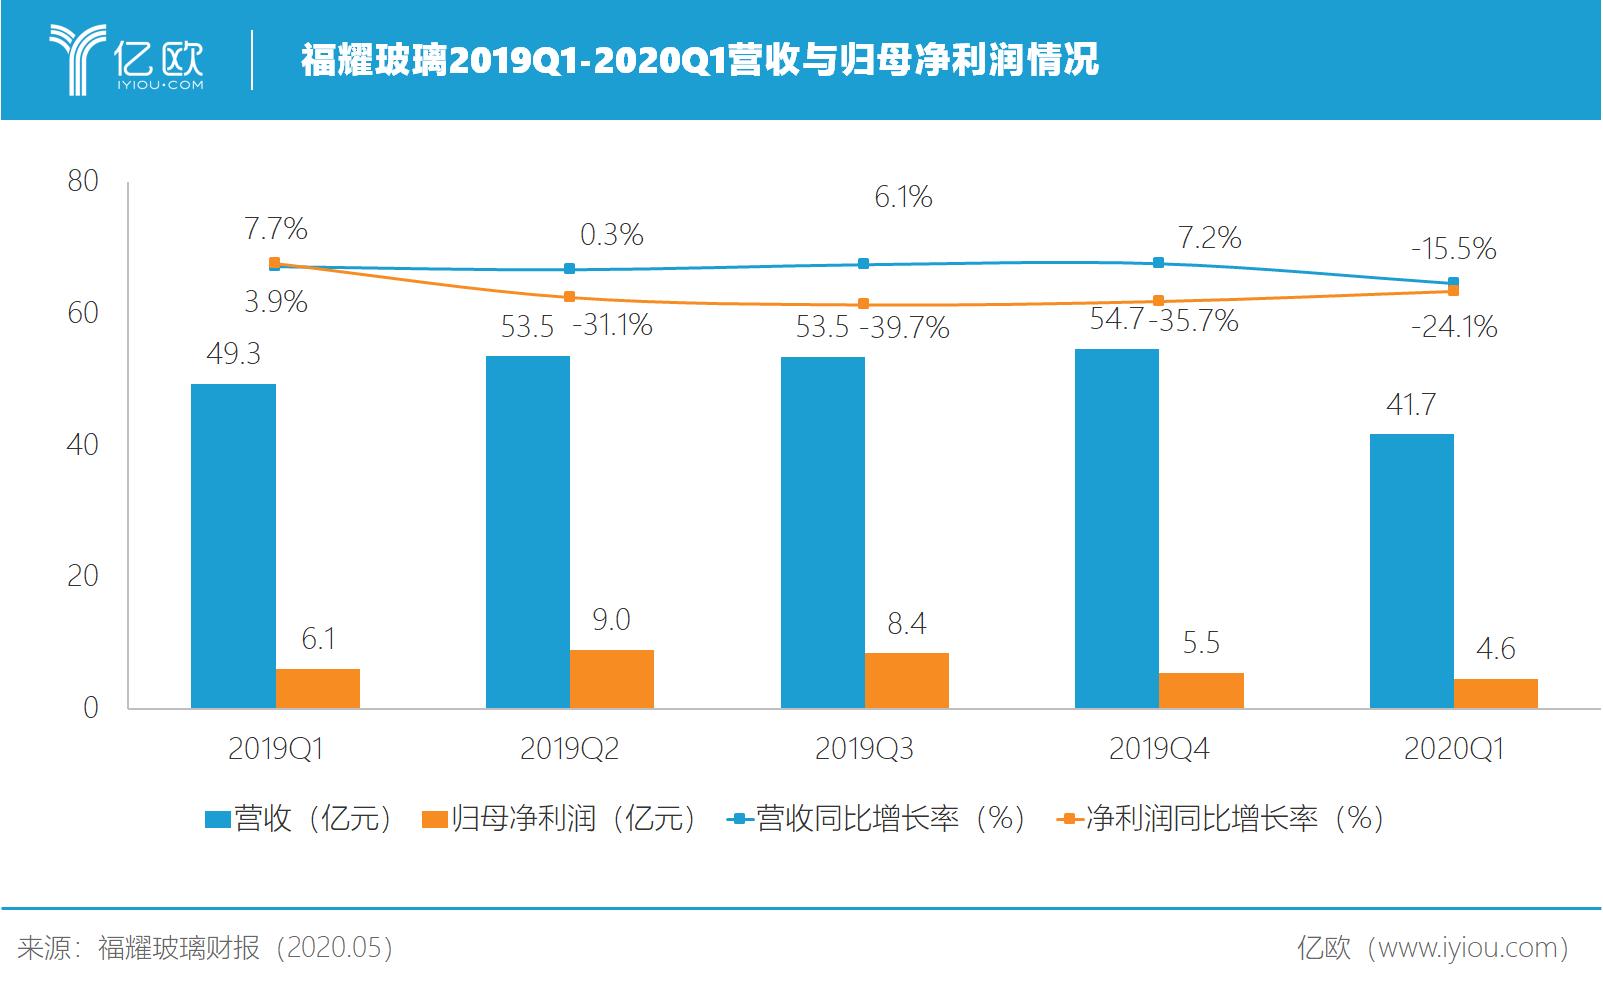 福耀玻璃2019Q1-2020Q1营收与归母净利润情况